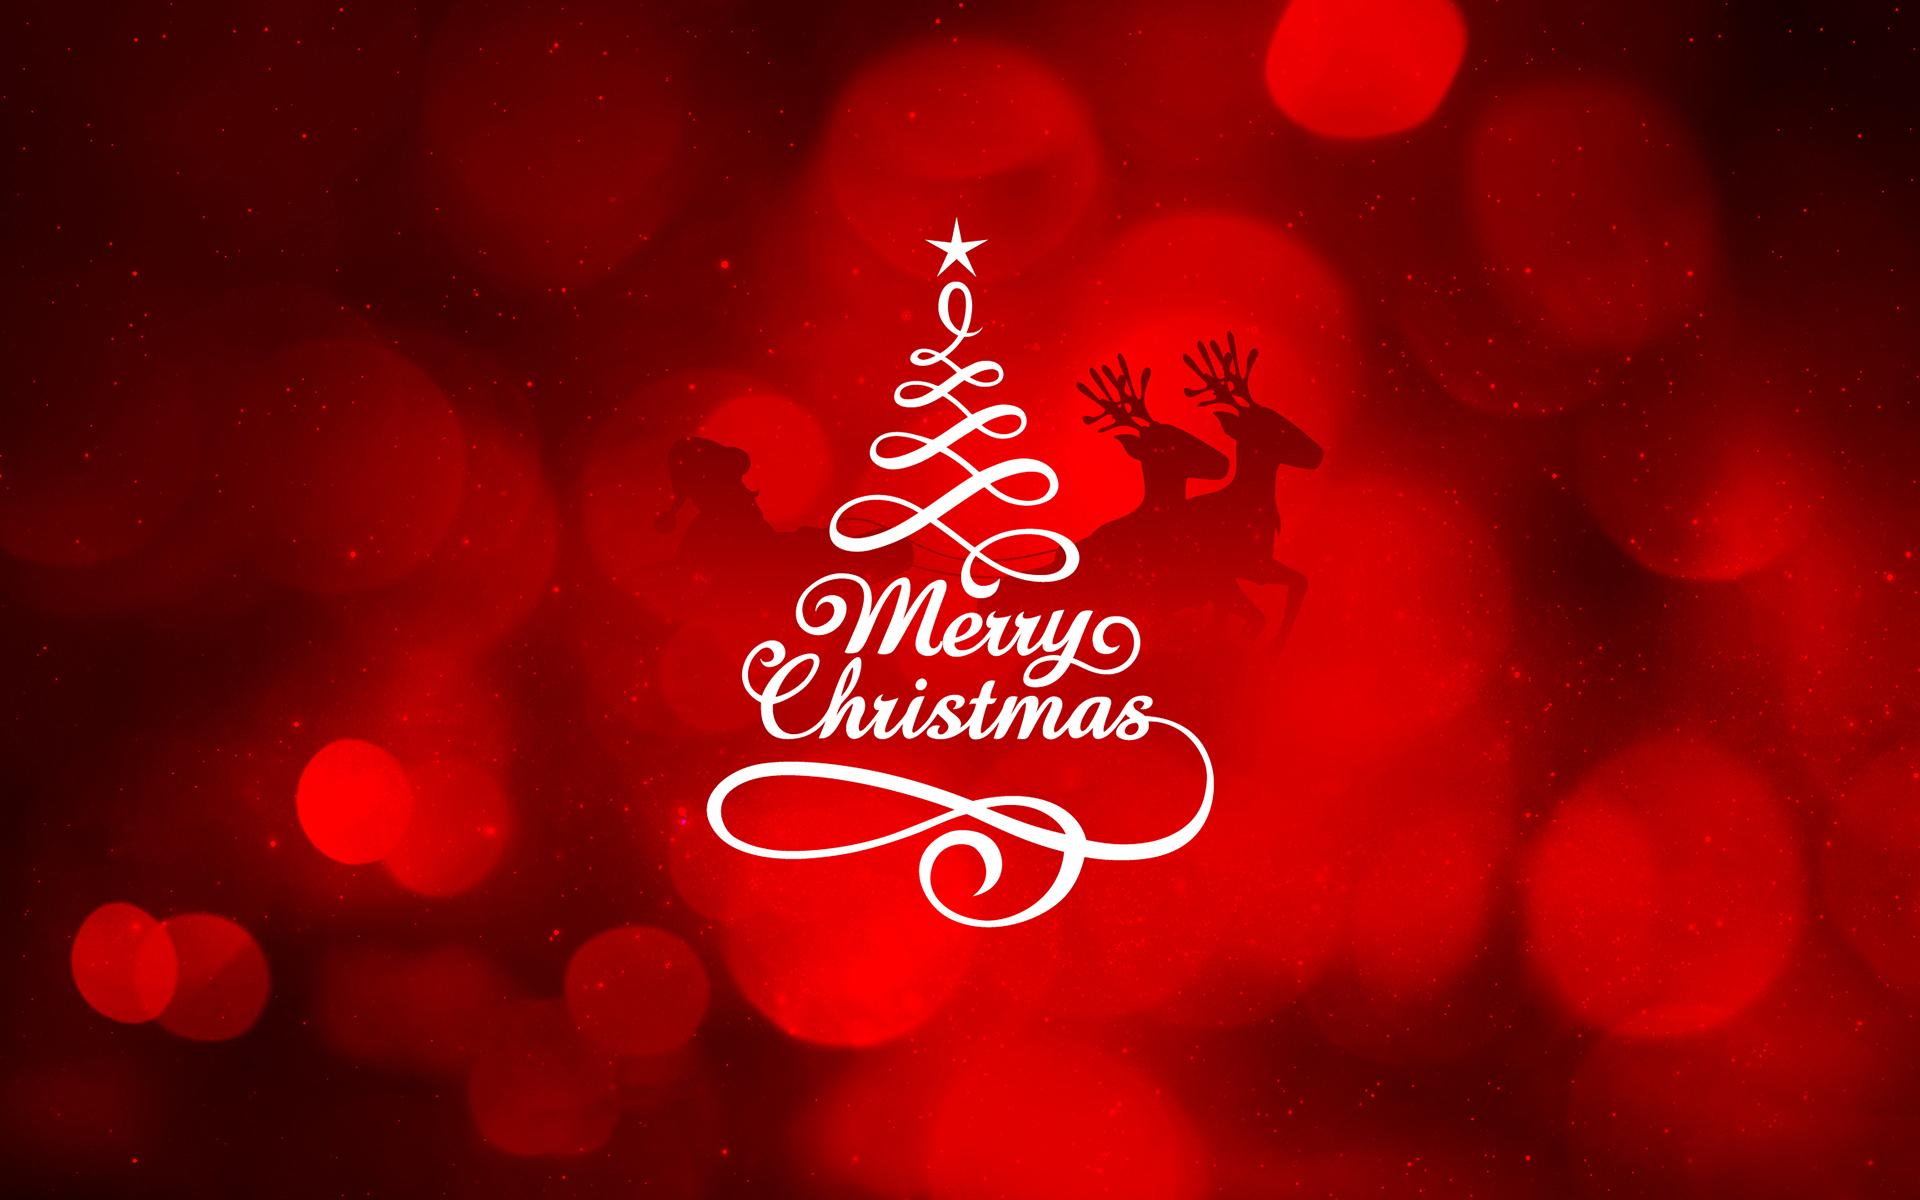 Merry Christmas Widescreen Wallpaper 1920x1200